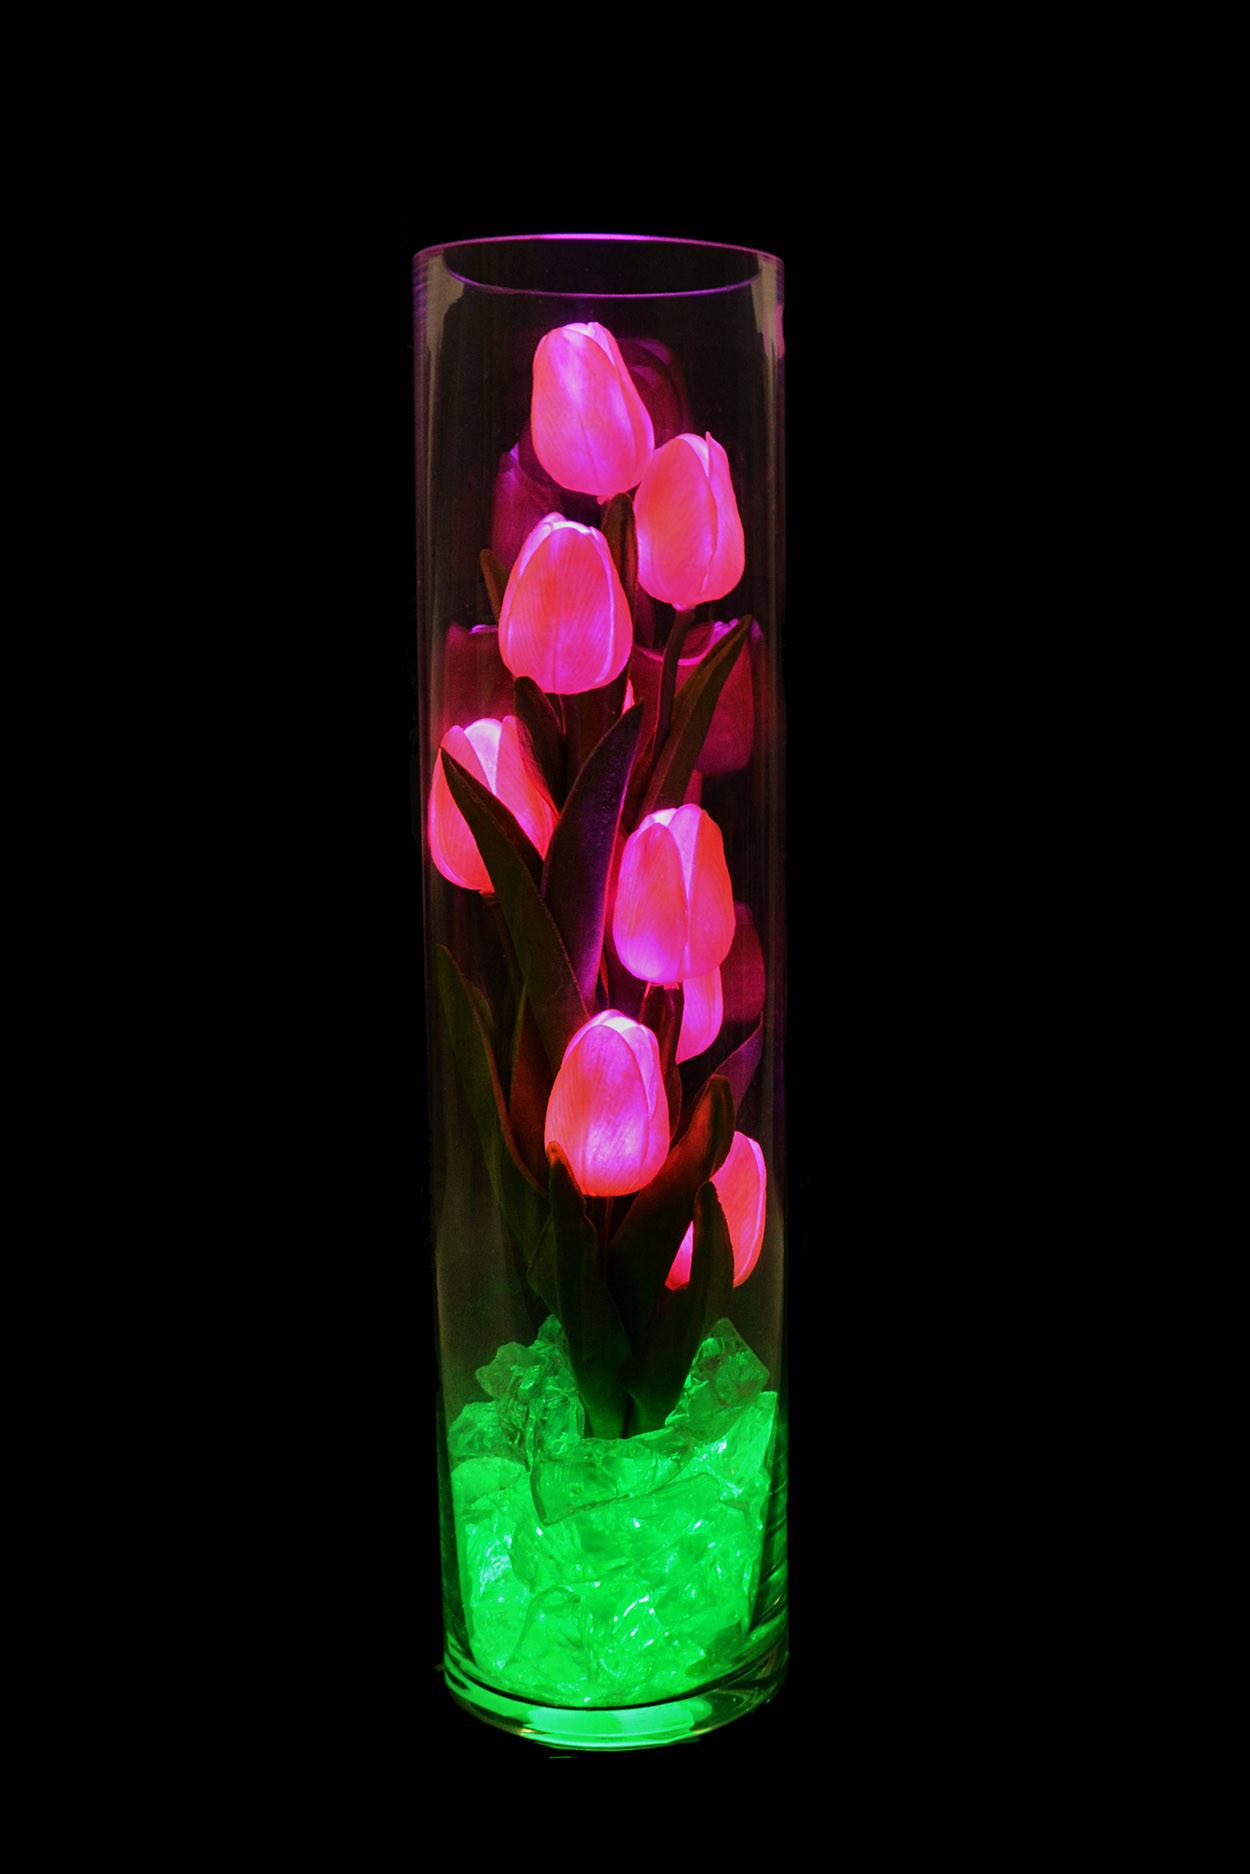 Ночник светящиеся тюльпаны 9шт Розовые (зел)